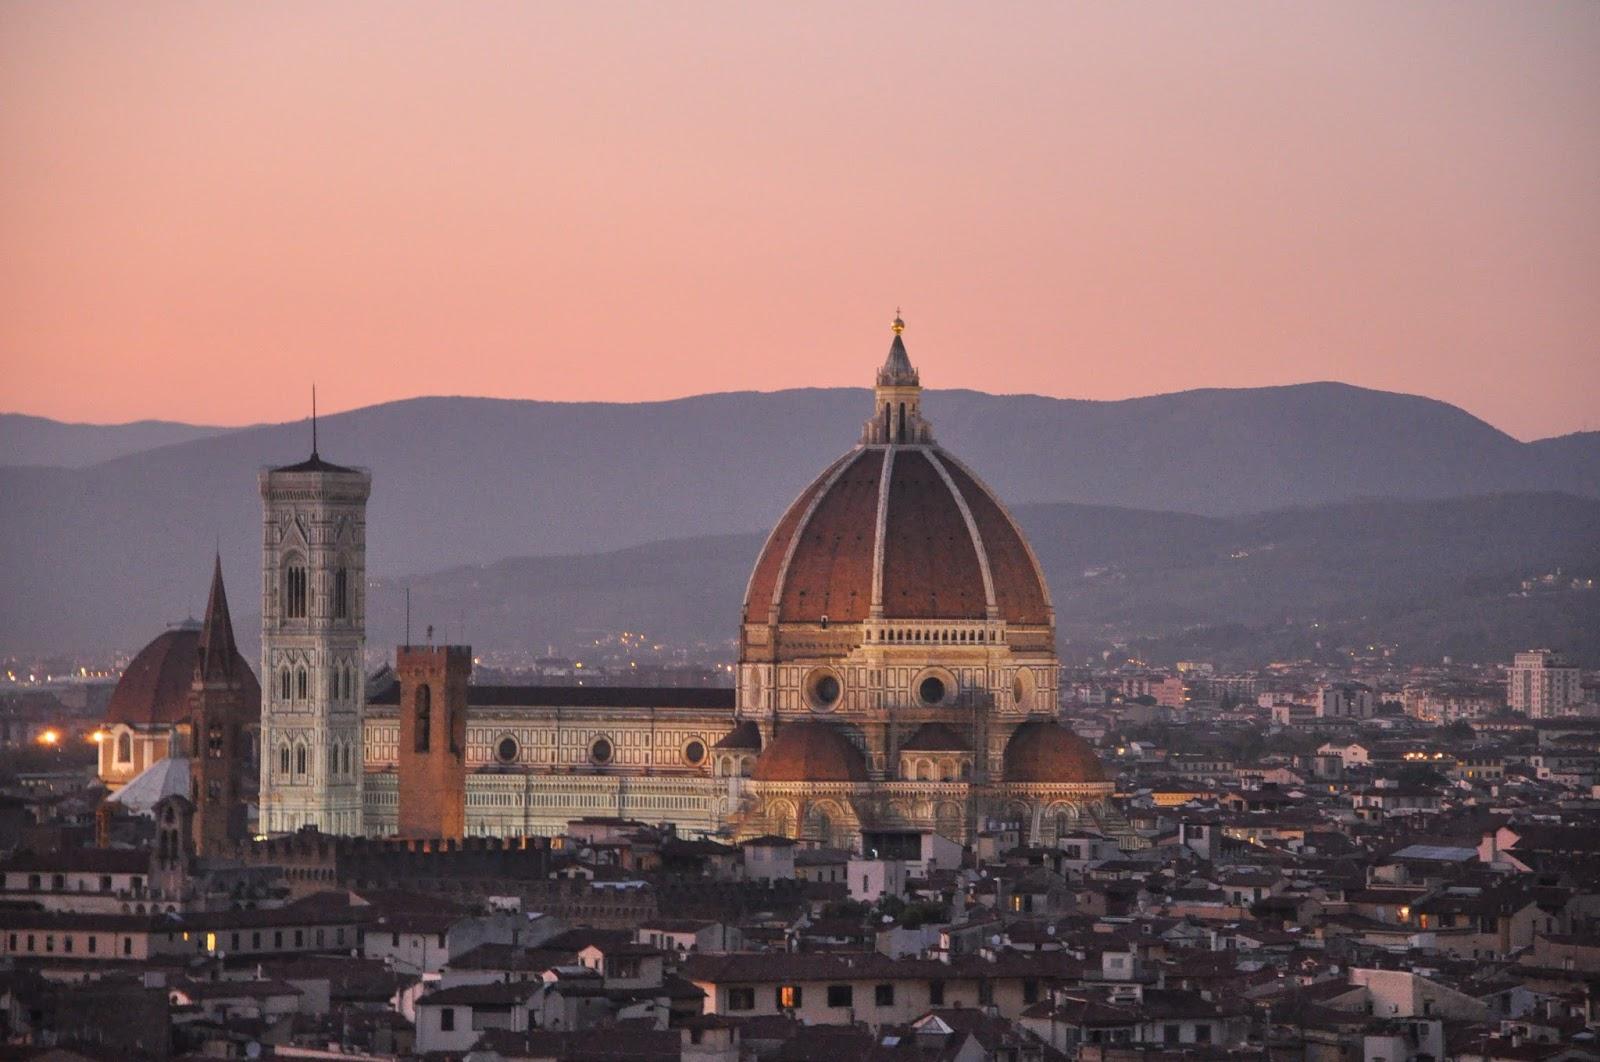 To Toskana: Romantische Ideen für einen Toskana Urlaub